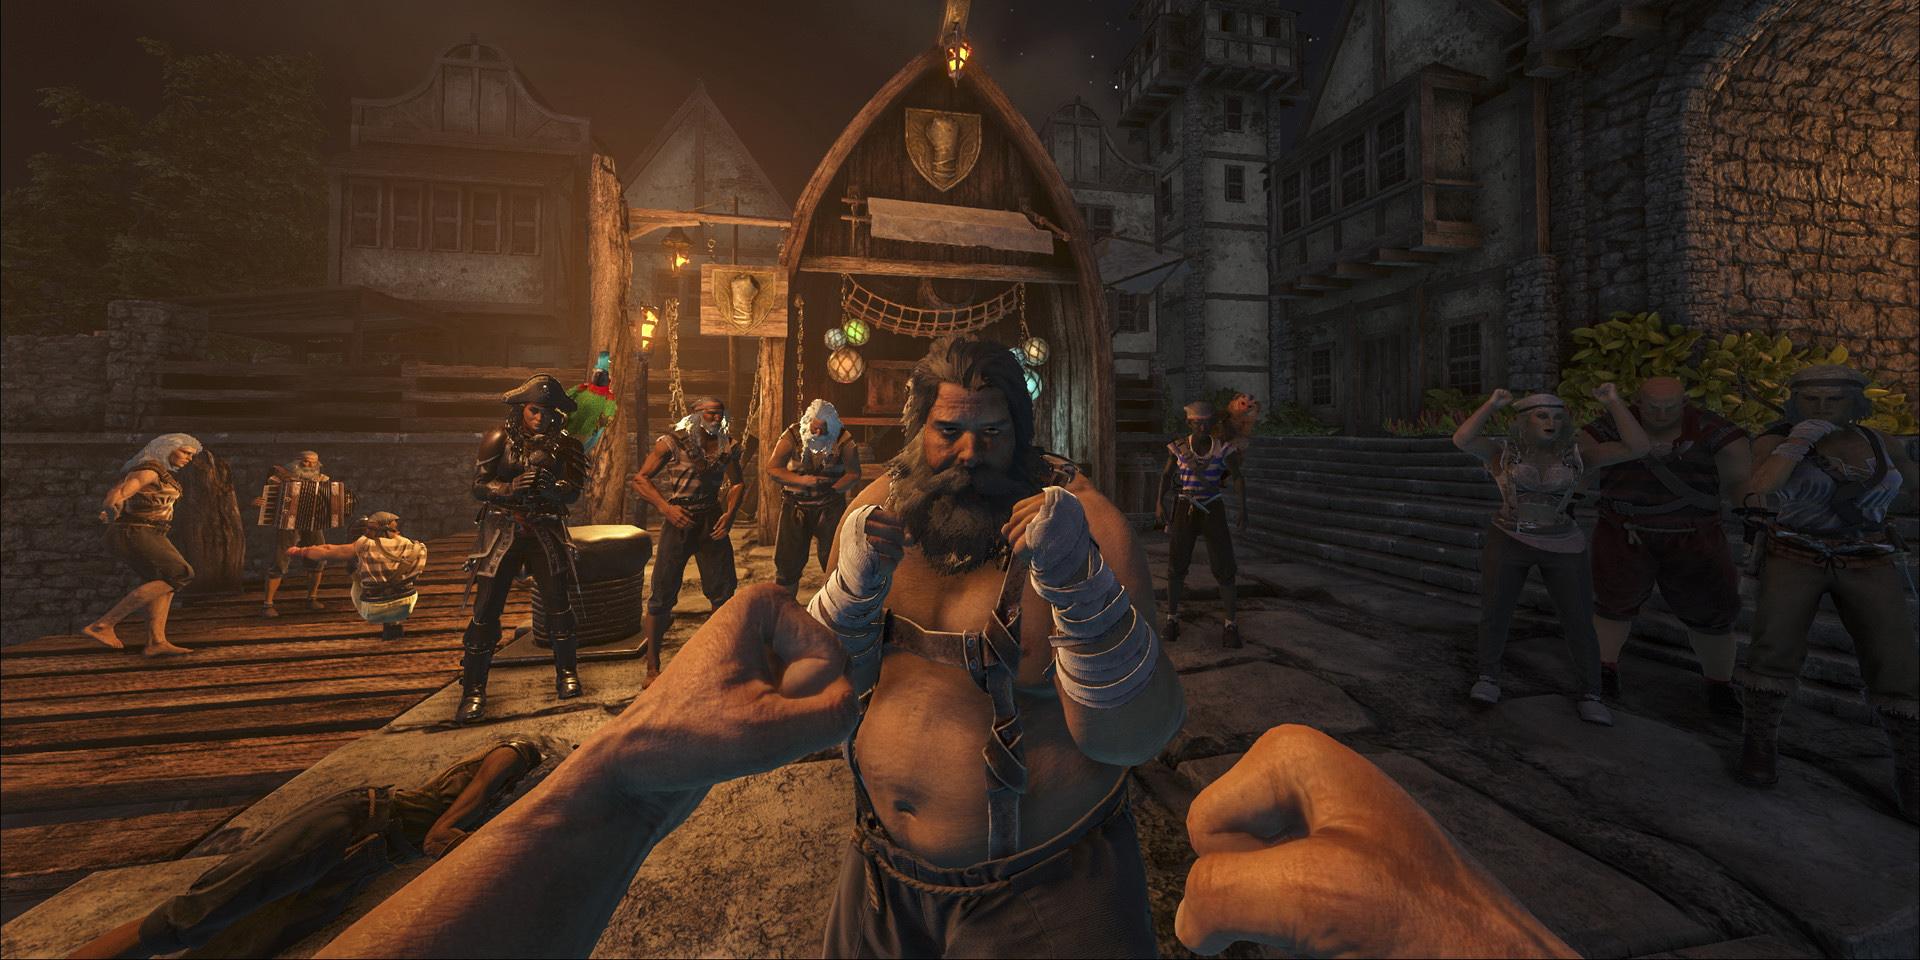 MMO-индустрия: Пираты в Atlas изнывают от золота, Crowfall анонсирует новый режим, а SEED занимается разведением искусственной жизни